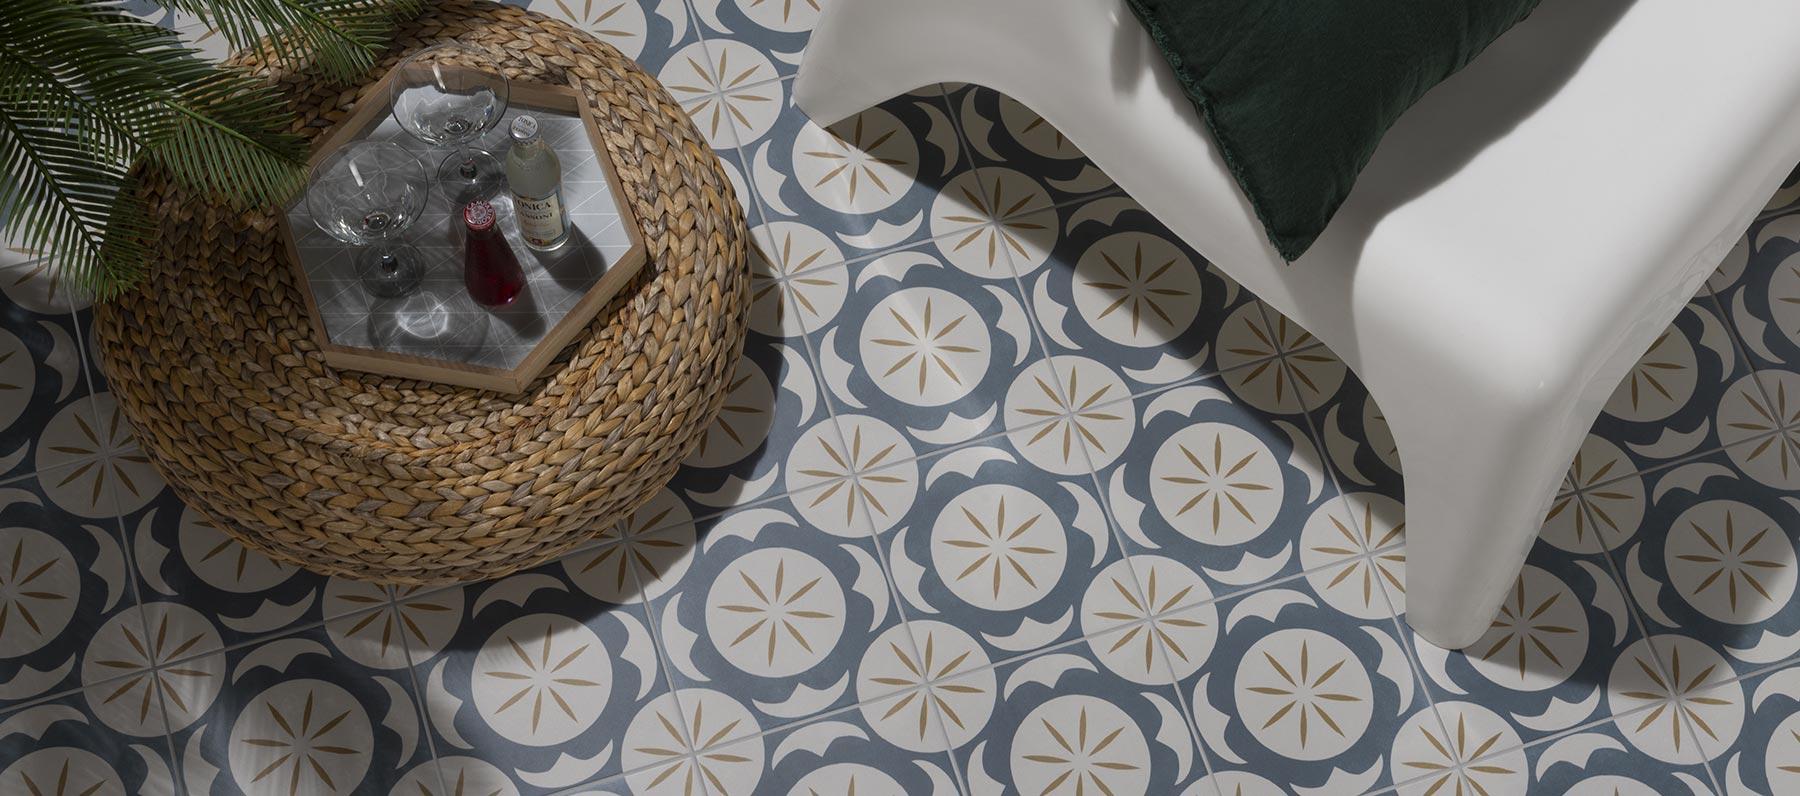 La collezione Trinindad e le sue cementine in grès porcellanato ispirate alla tradizionale pavimentazione coloniale delle isole caraibiche